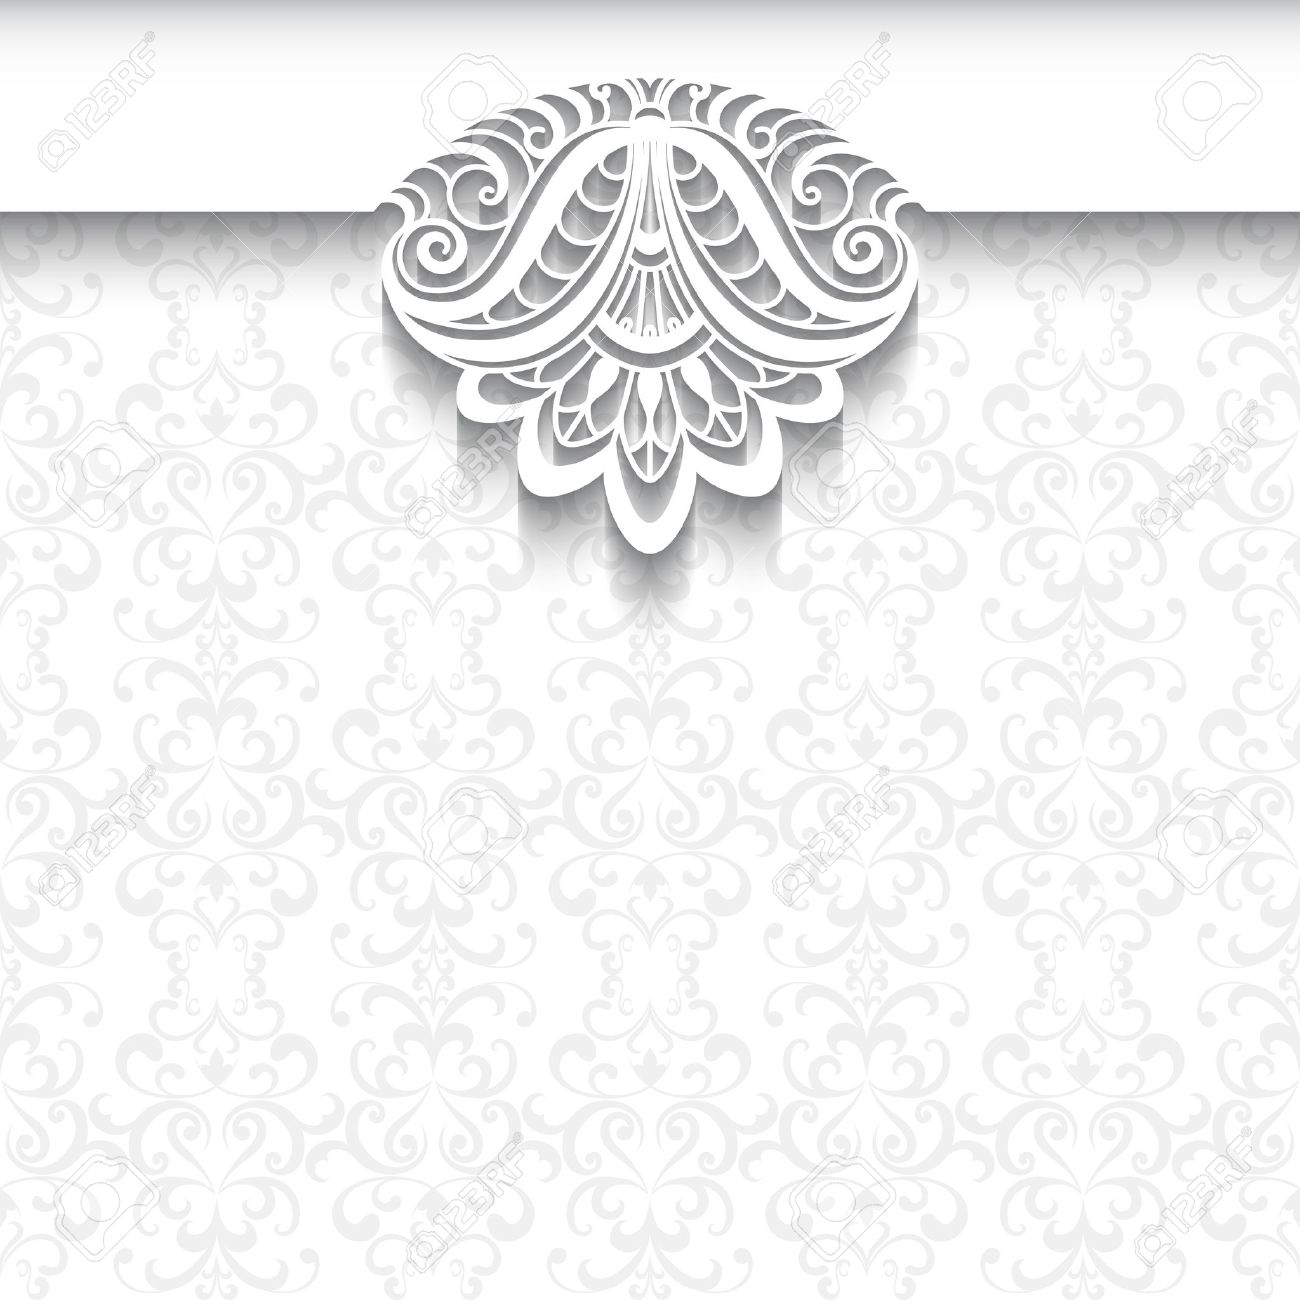 Arrire plan dcoratif en couleur neutre lgante carte de voeux arrire plan dcoratif en couleur neutre lgante carte de voeux invitation de mariage stopboris Image collections